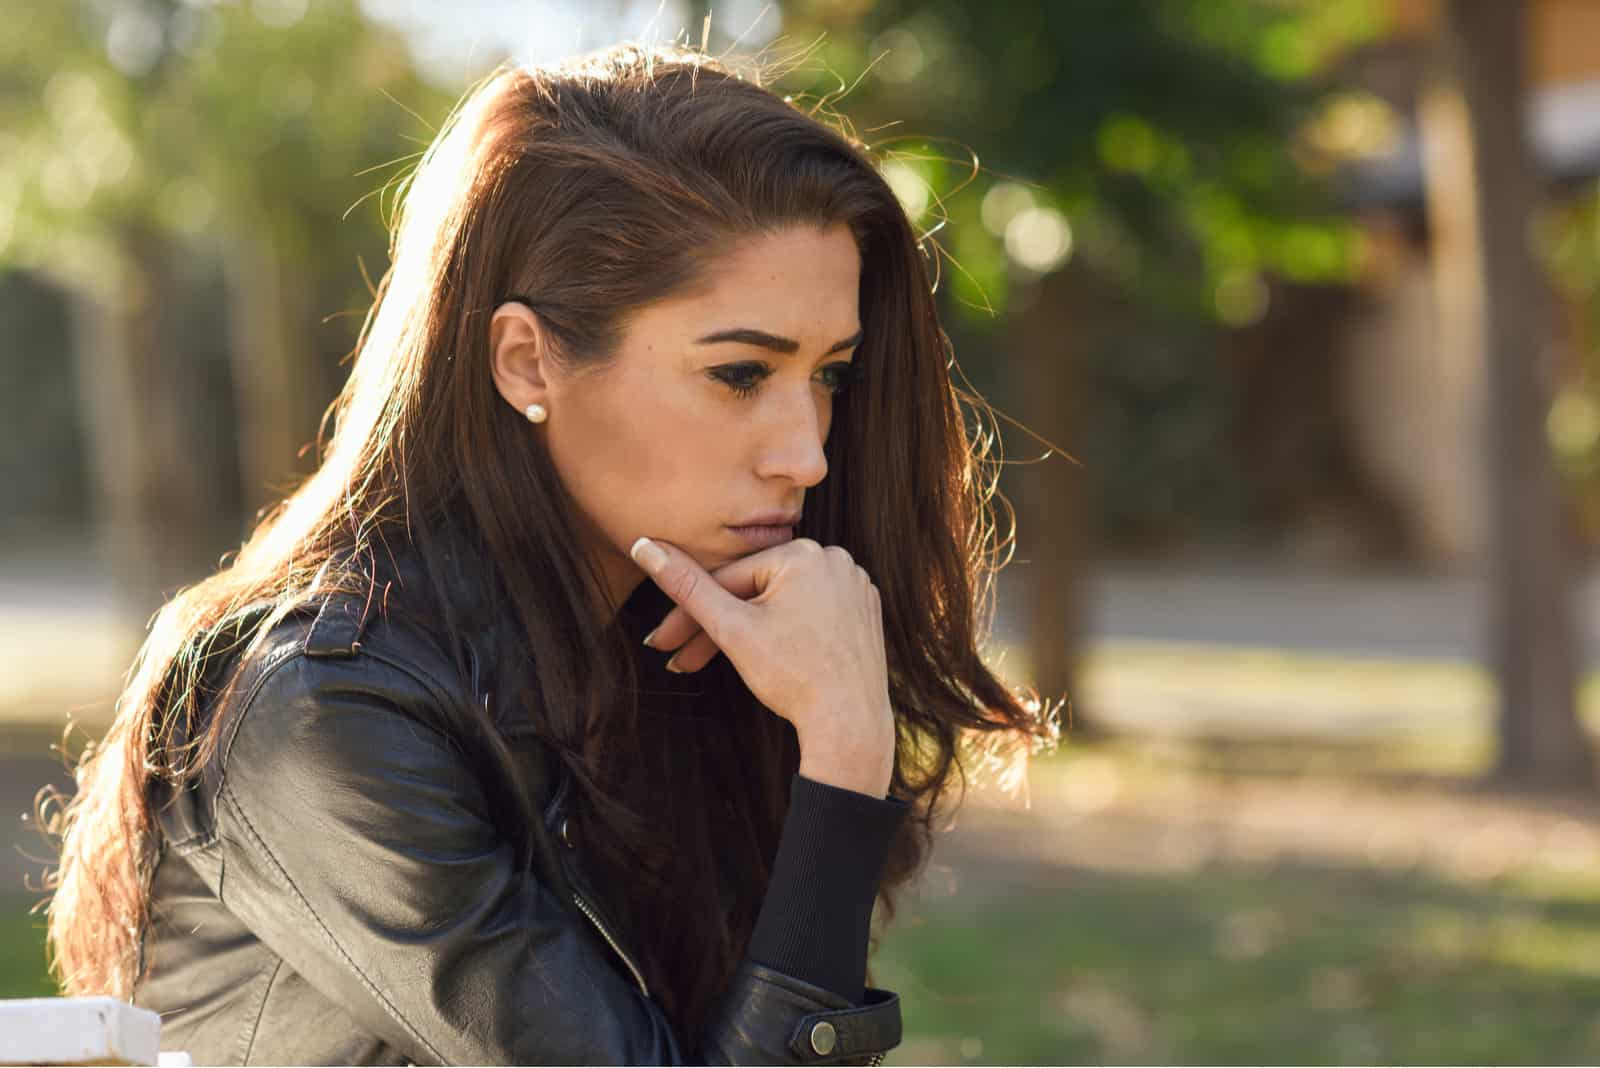 une femme aux longs cheveux noirs est assise pensif